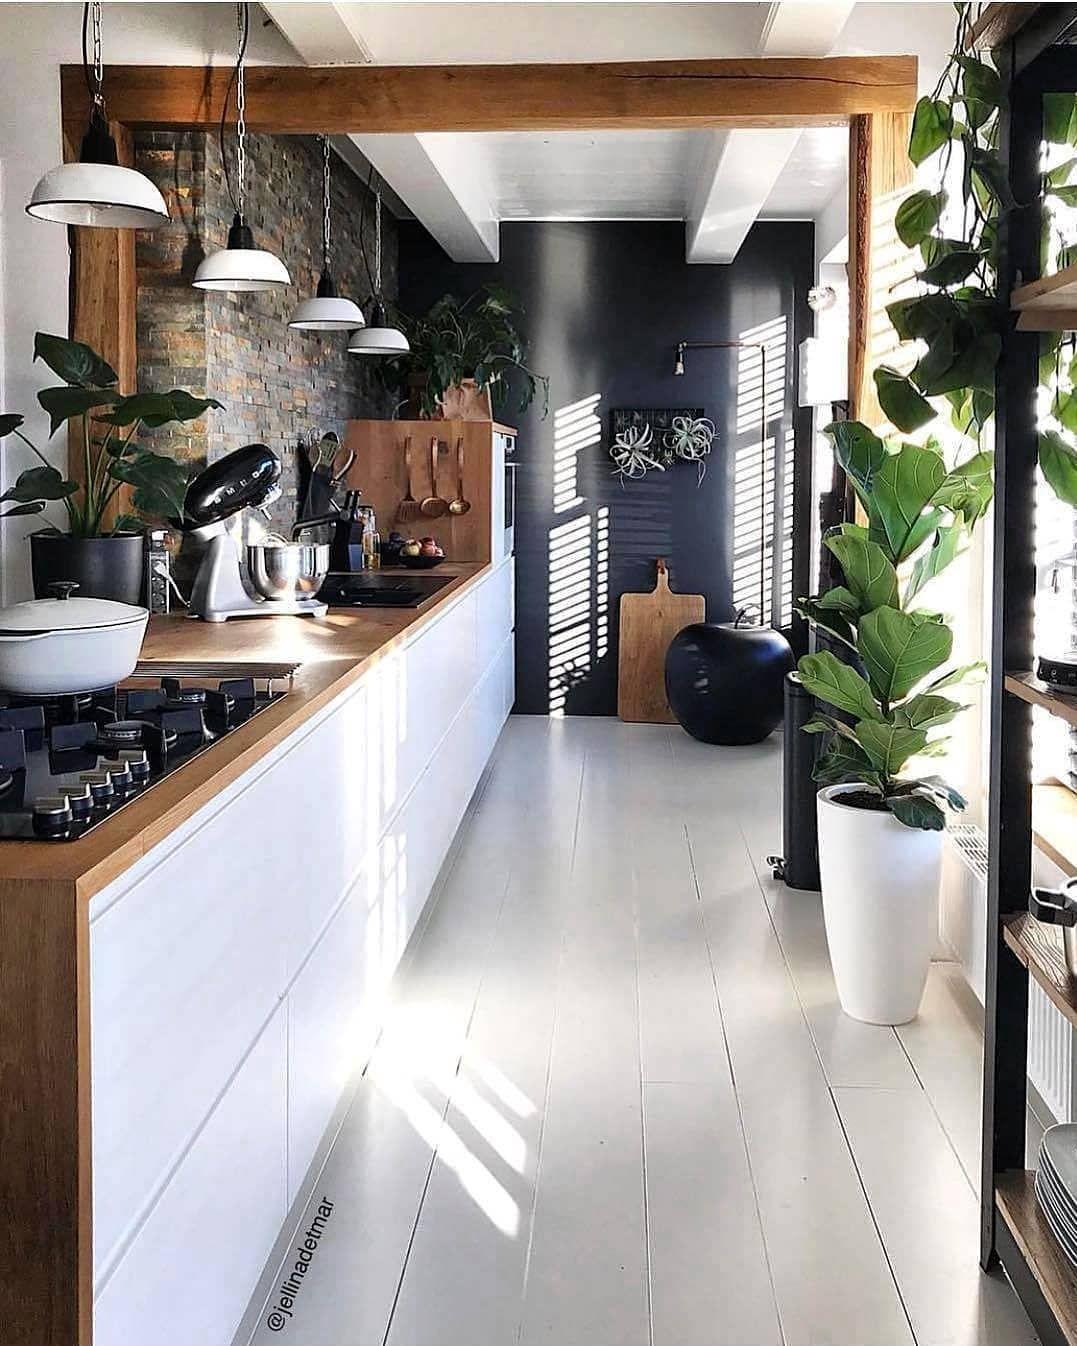 Luxclusivehouse Idees Maisons De Luxe Independance Financiere Affiliation Business Web Freelance Ent Cuisine Moderne Cuisine Appartement Amenagement Cuisine